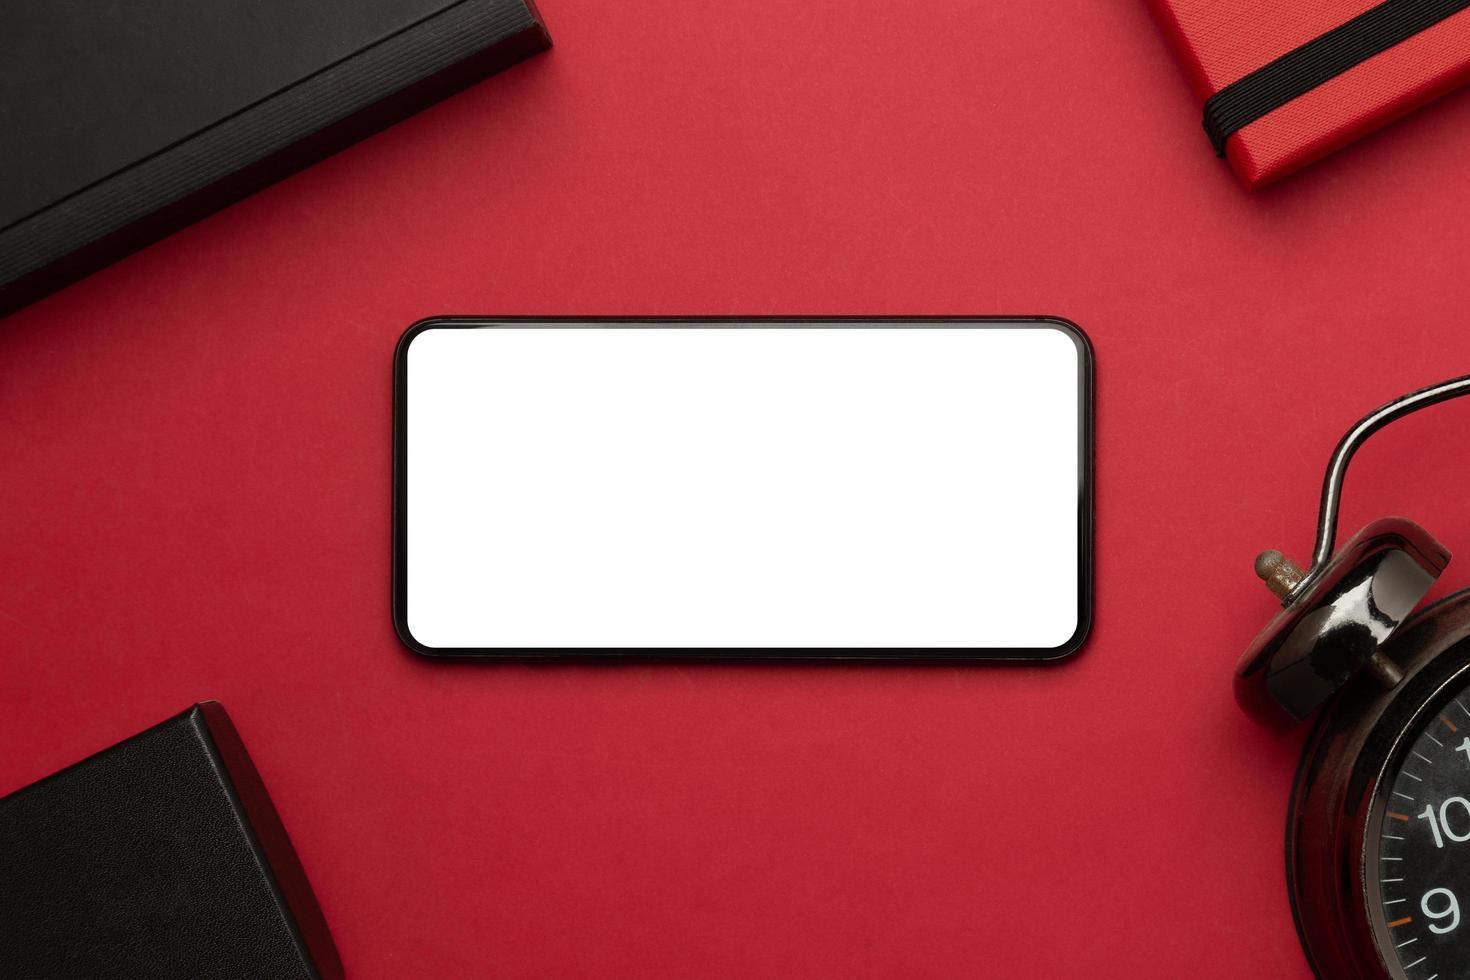 Smartphone Winterurlaub Modell foto